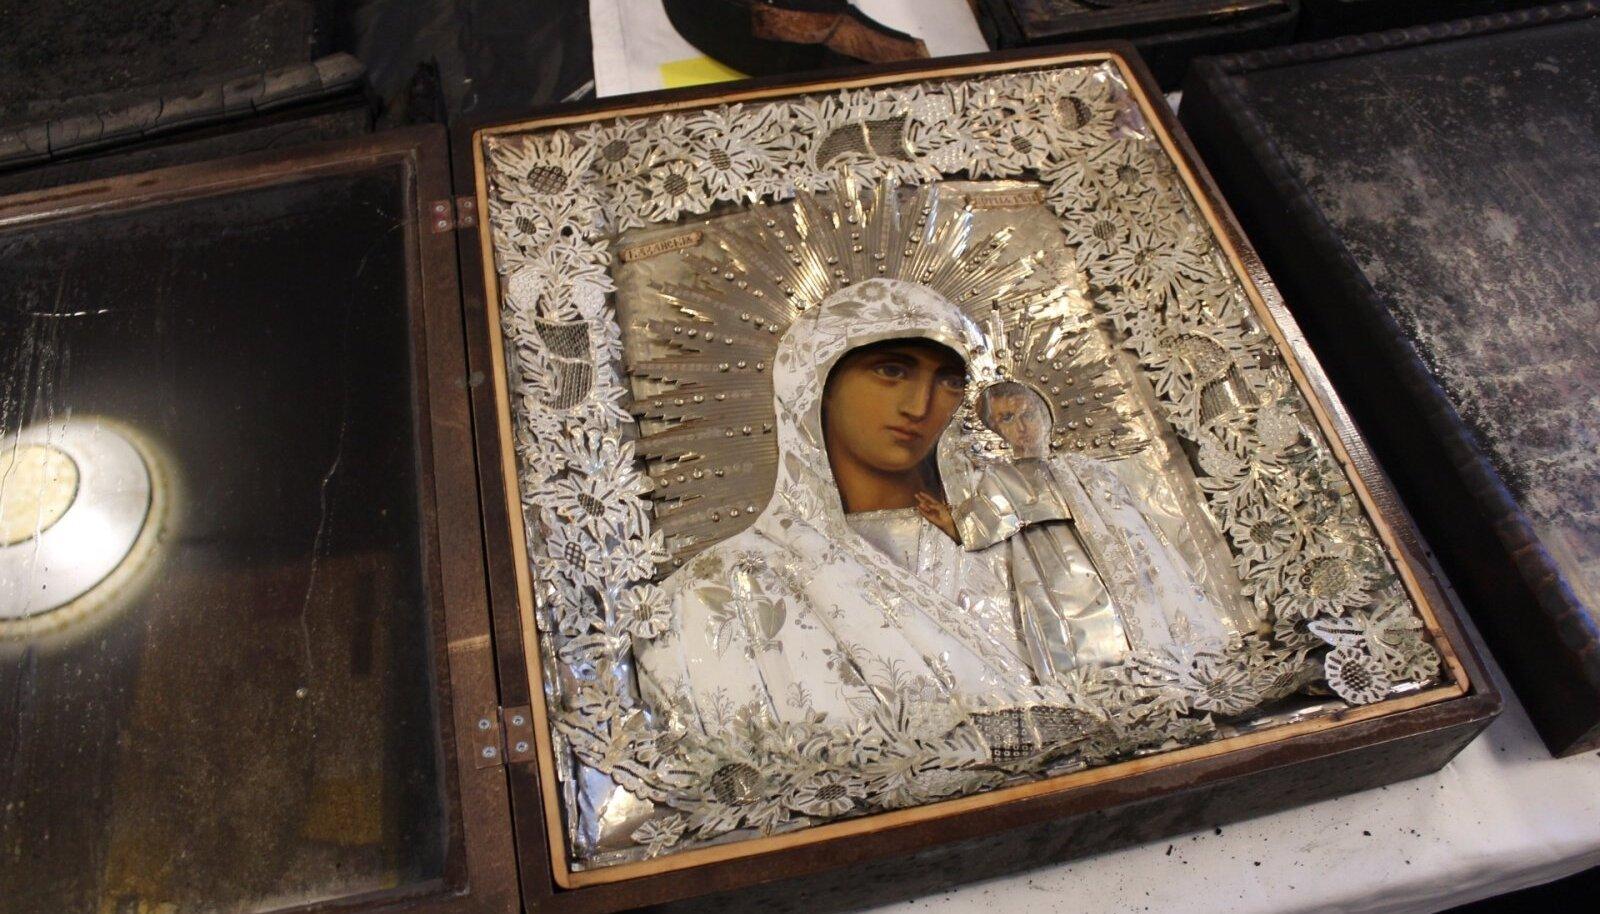 Fotod kiriku interjöörist ja ikoonidest peale põlengut